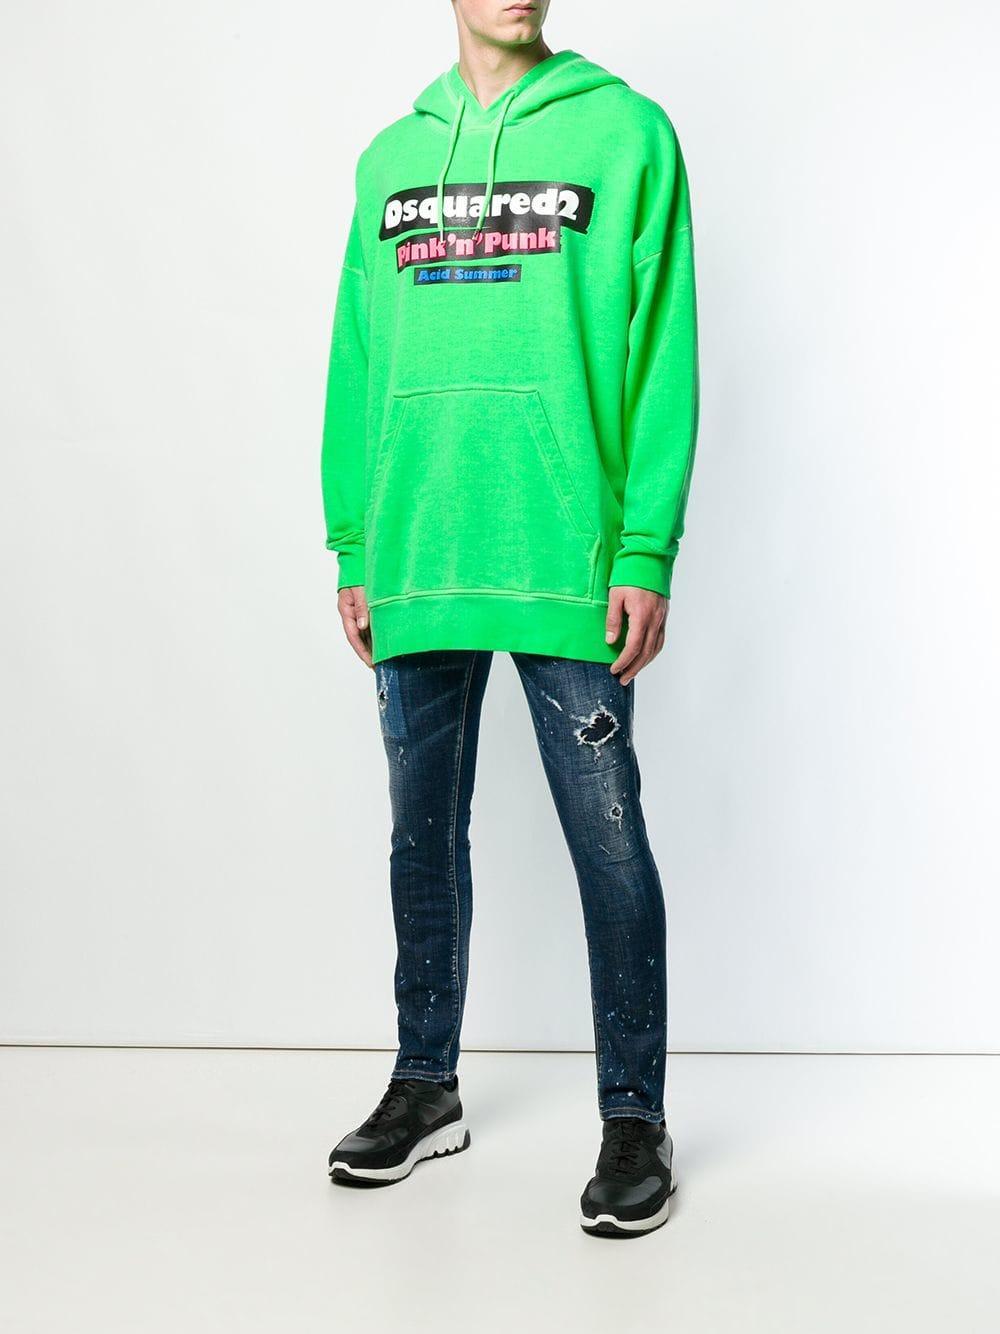 DSquared² Katoen Sweater Met Capuchon in het Groen voor heren